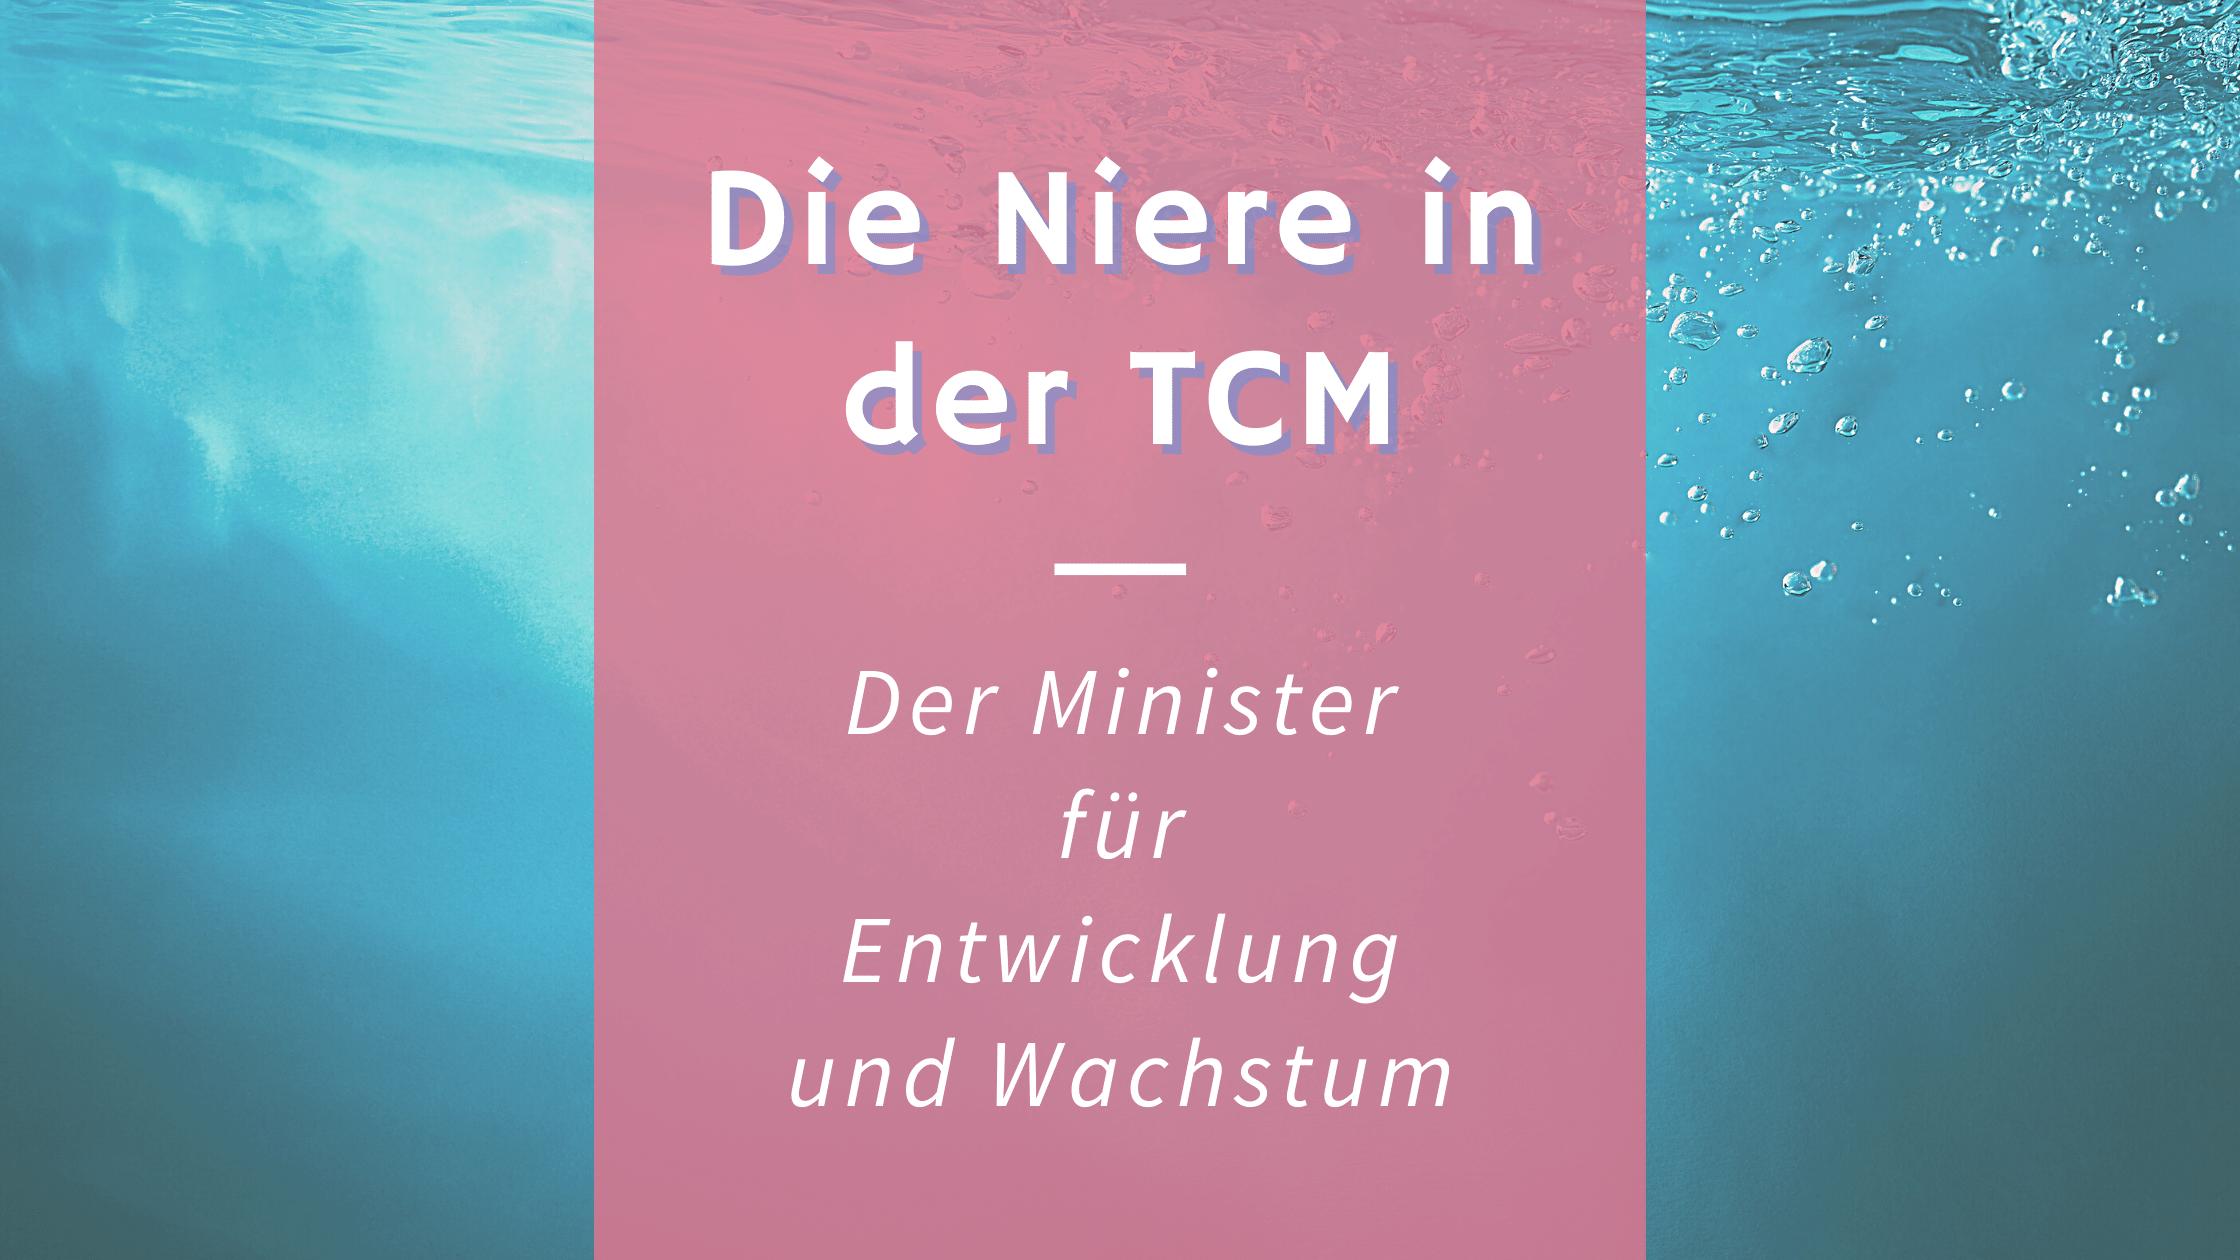 Die Niere in der TCM – Der Minister für Wachstum und Entwicklung